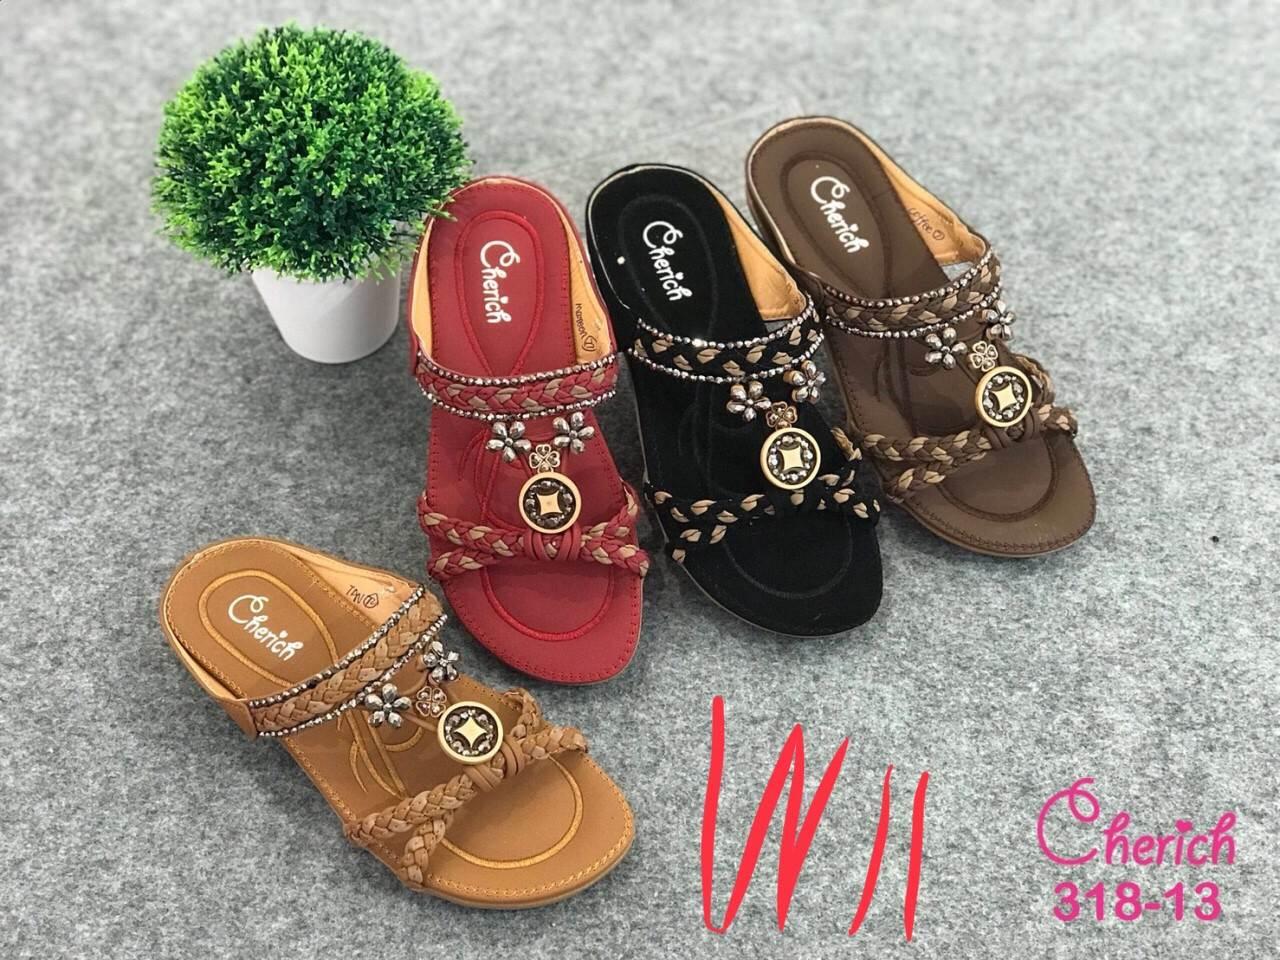 รองเท้าแตะแฟชั่น แบบสวม แต่งลูกปัดสไตล์โบฮีเมียนสวยเก๋ หนังนิ่ม พื้นนิ่ม งานสวย ใส่สบาย แมทสวยได้ทุกชุด (318-13)